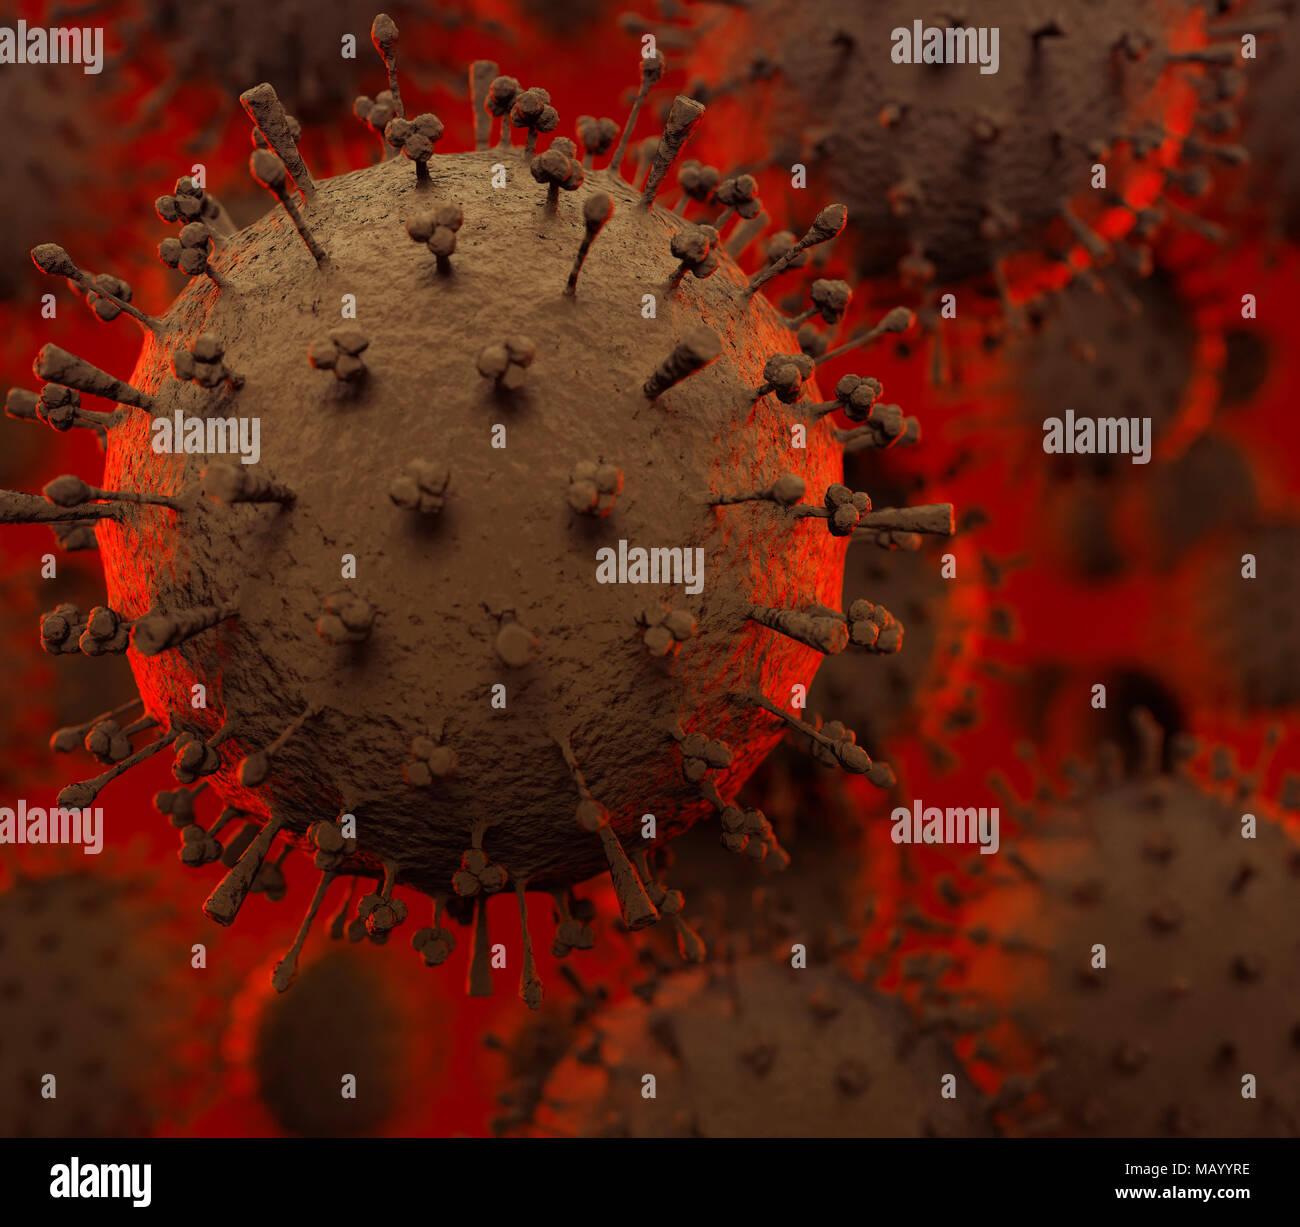 Le virus de la grippe H1N1, H5N1, un virus de grippe, les particules de virus sous un microscope. Medical 3D illustration d'un virus de se propager Photo Stock